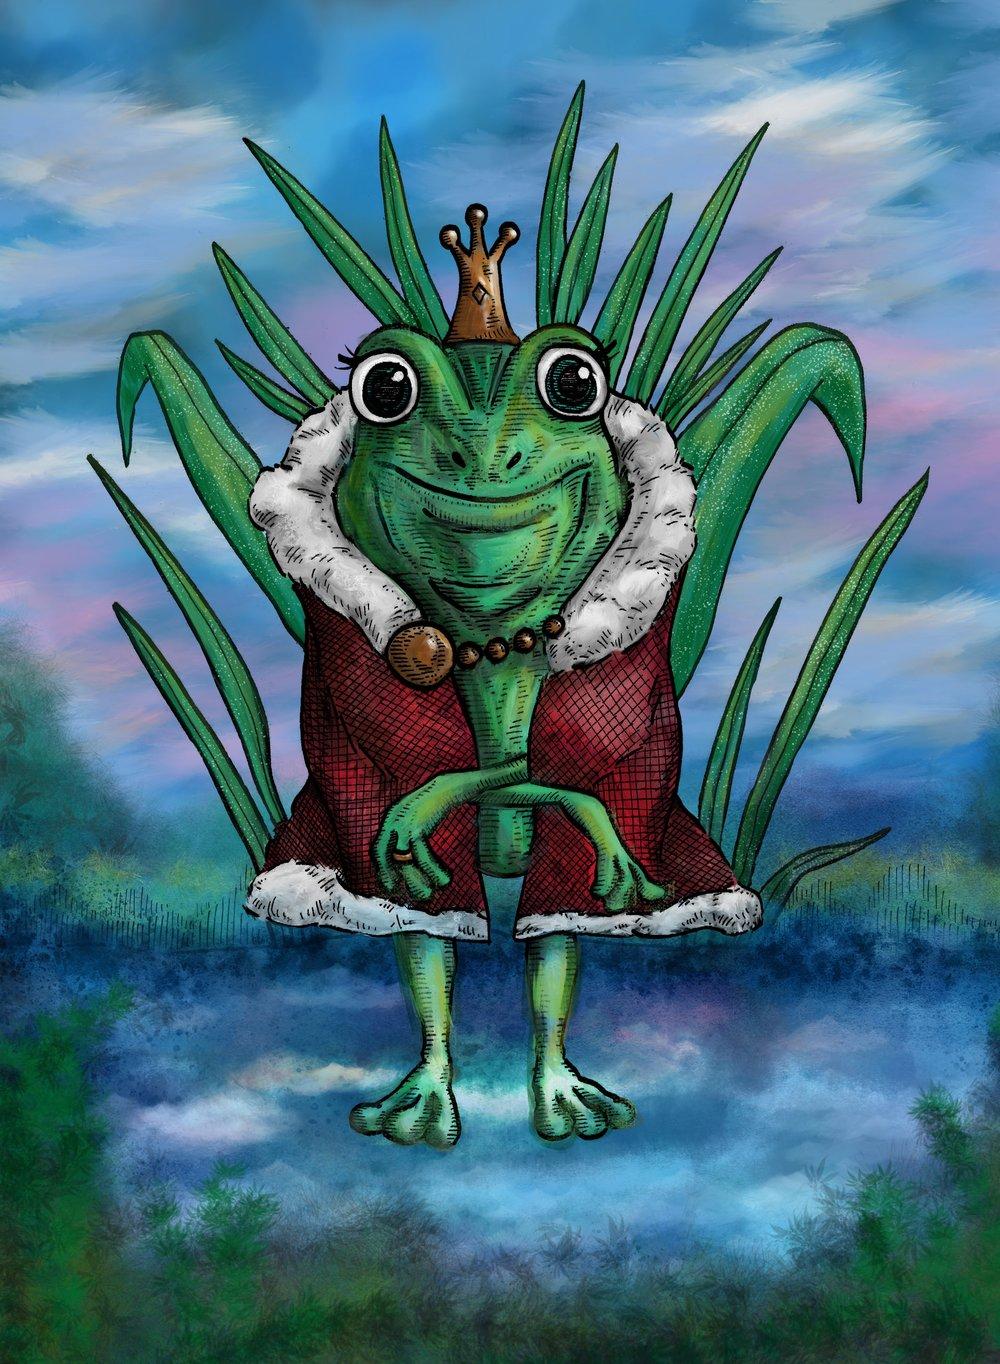 The Frog Queen